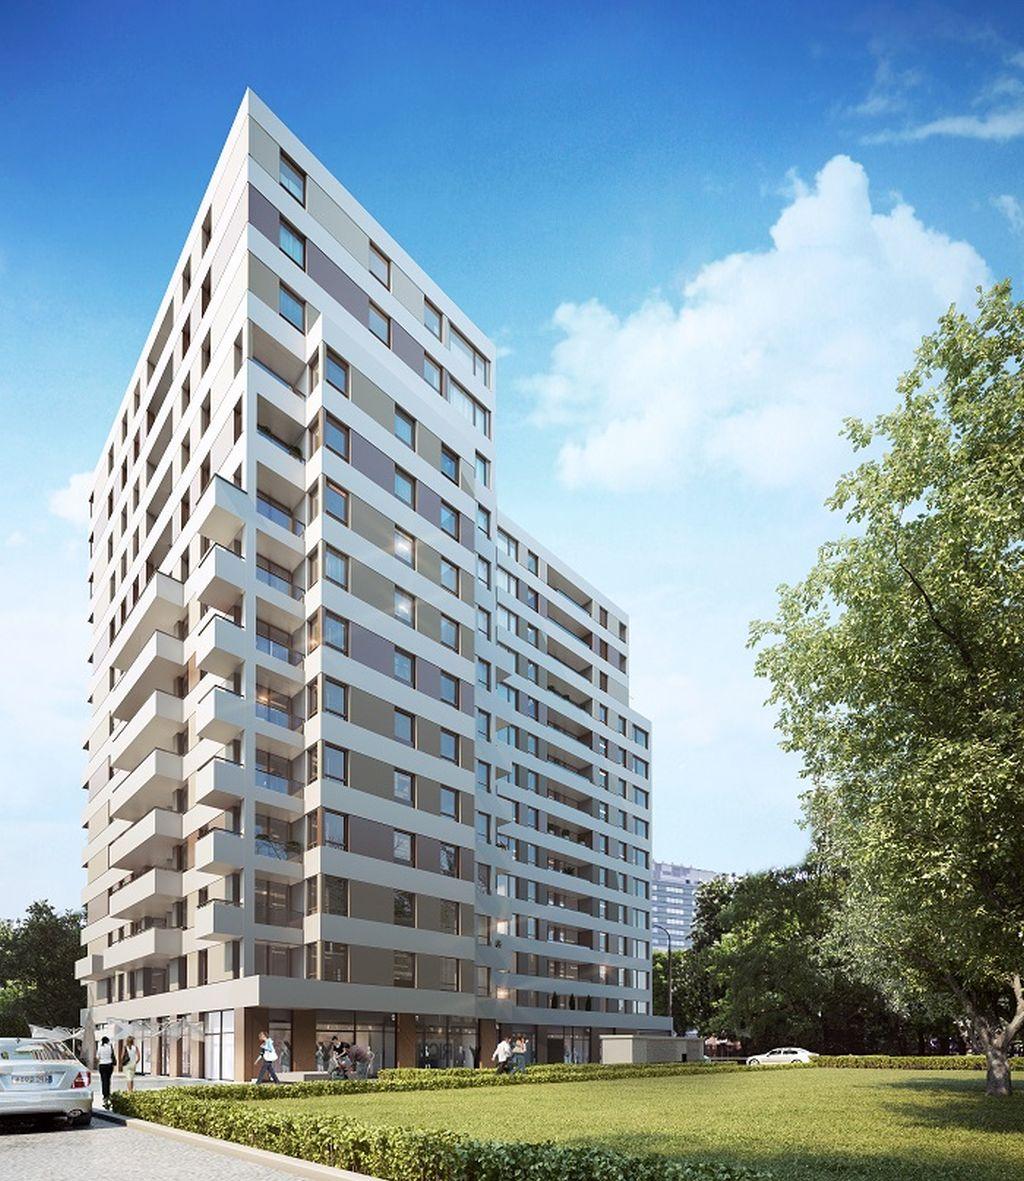 Jakie mieszkania wybierają inwestorzy?